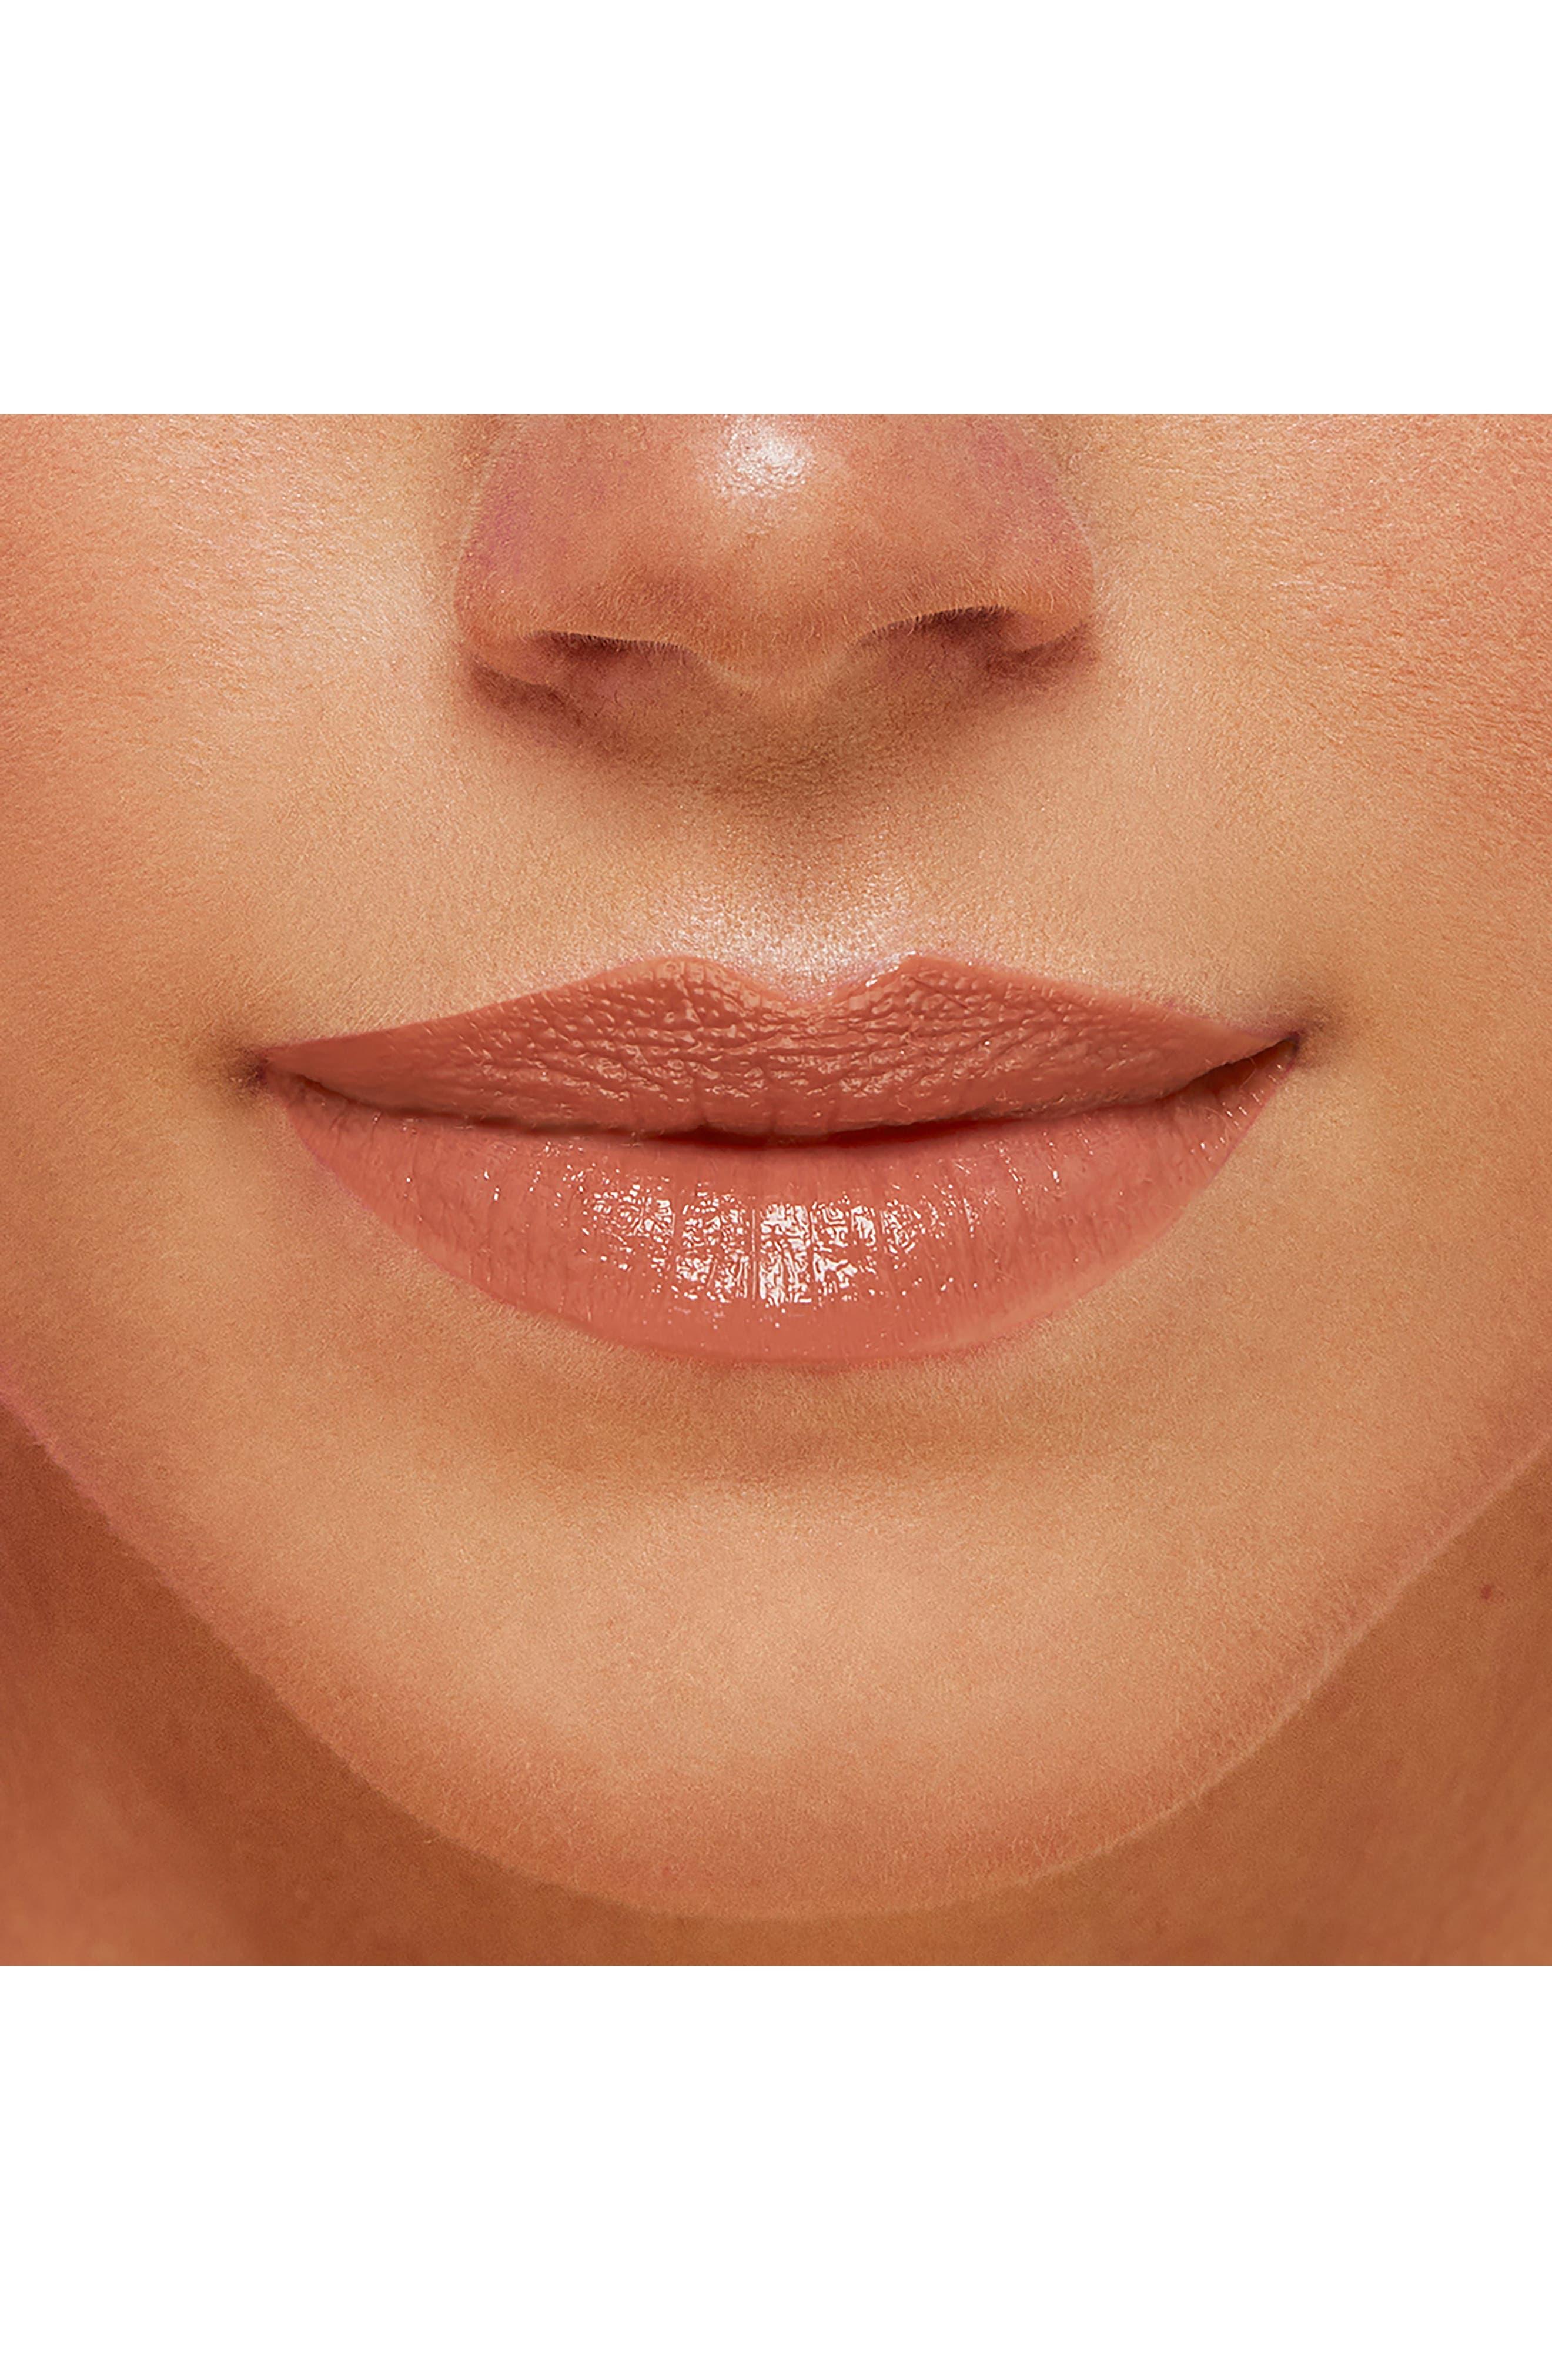 KARL LAGERFELD + MODELCO Kiss Me Karl Lip Lights Lip Gloss,                             Alternate thumbnail 7, color,                             200